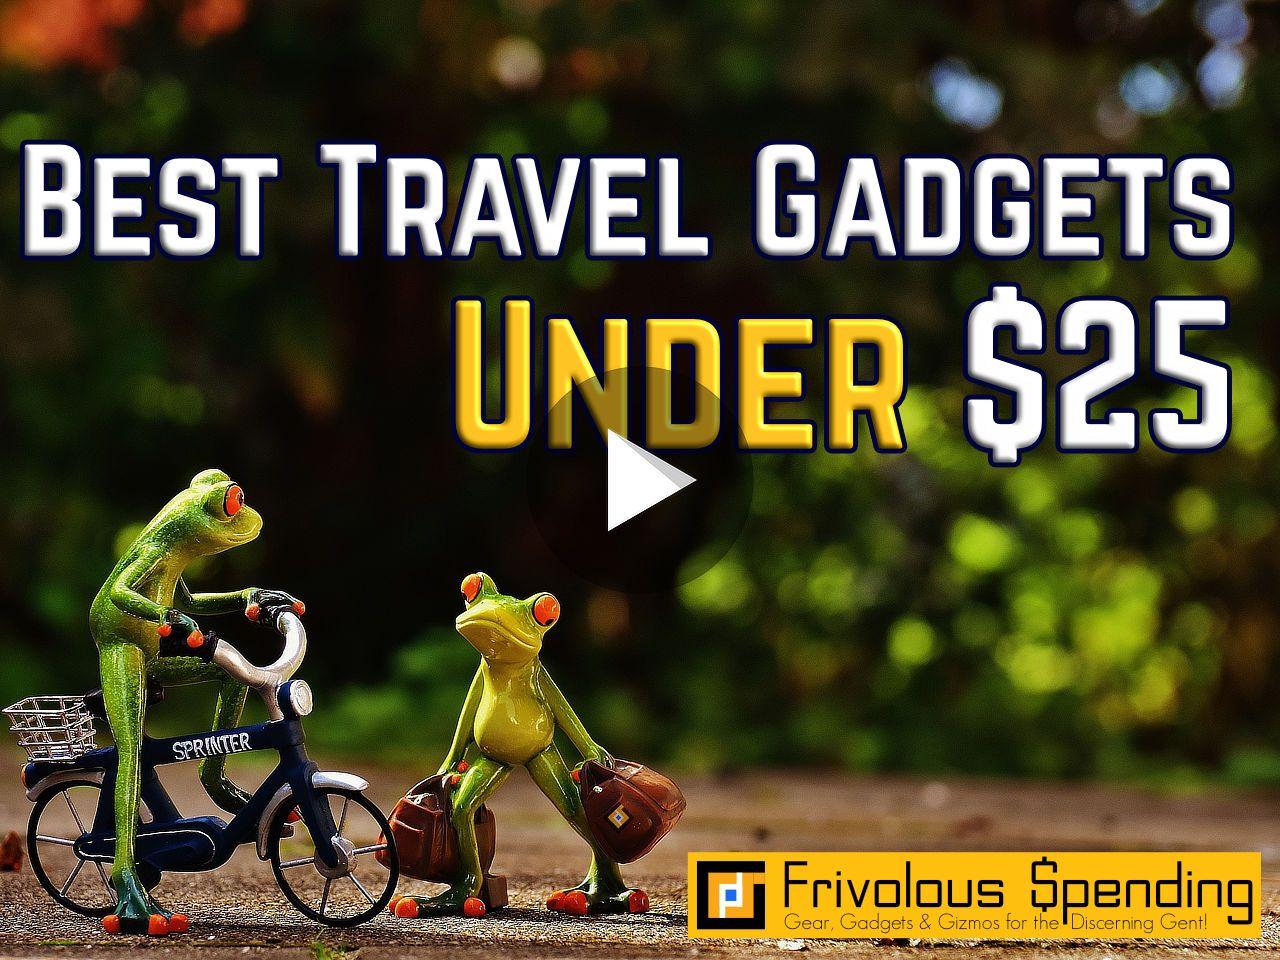 Frivolous Spending | Gear, Gadgets & Gizmos for the Discerning Geek